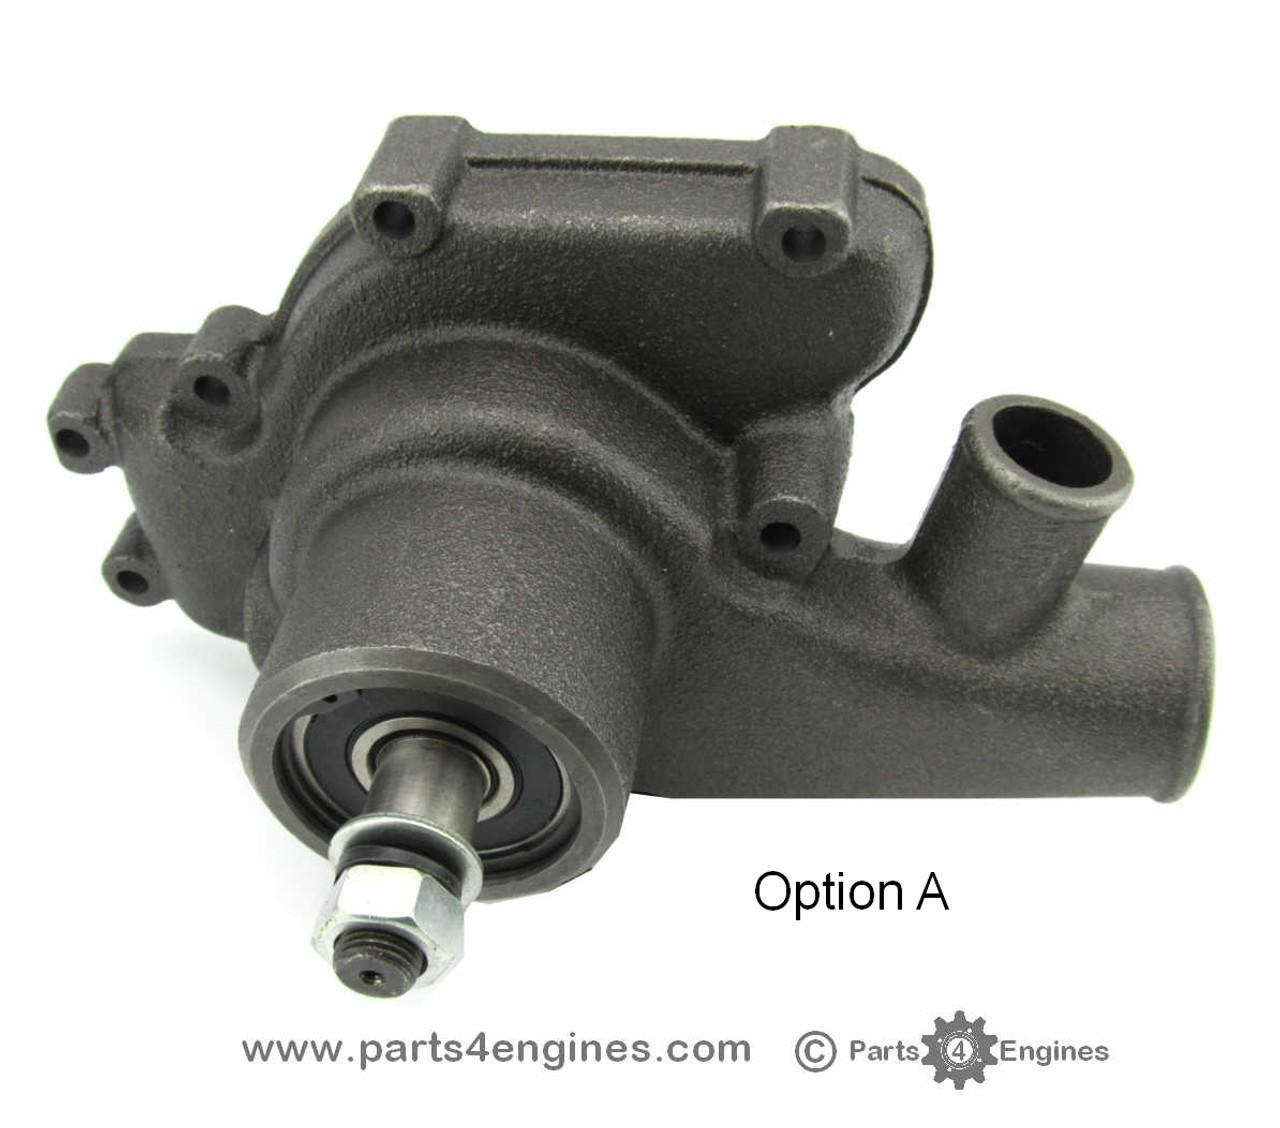 Perkins 6.354 water pump - parts4engines.com